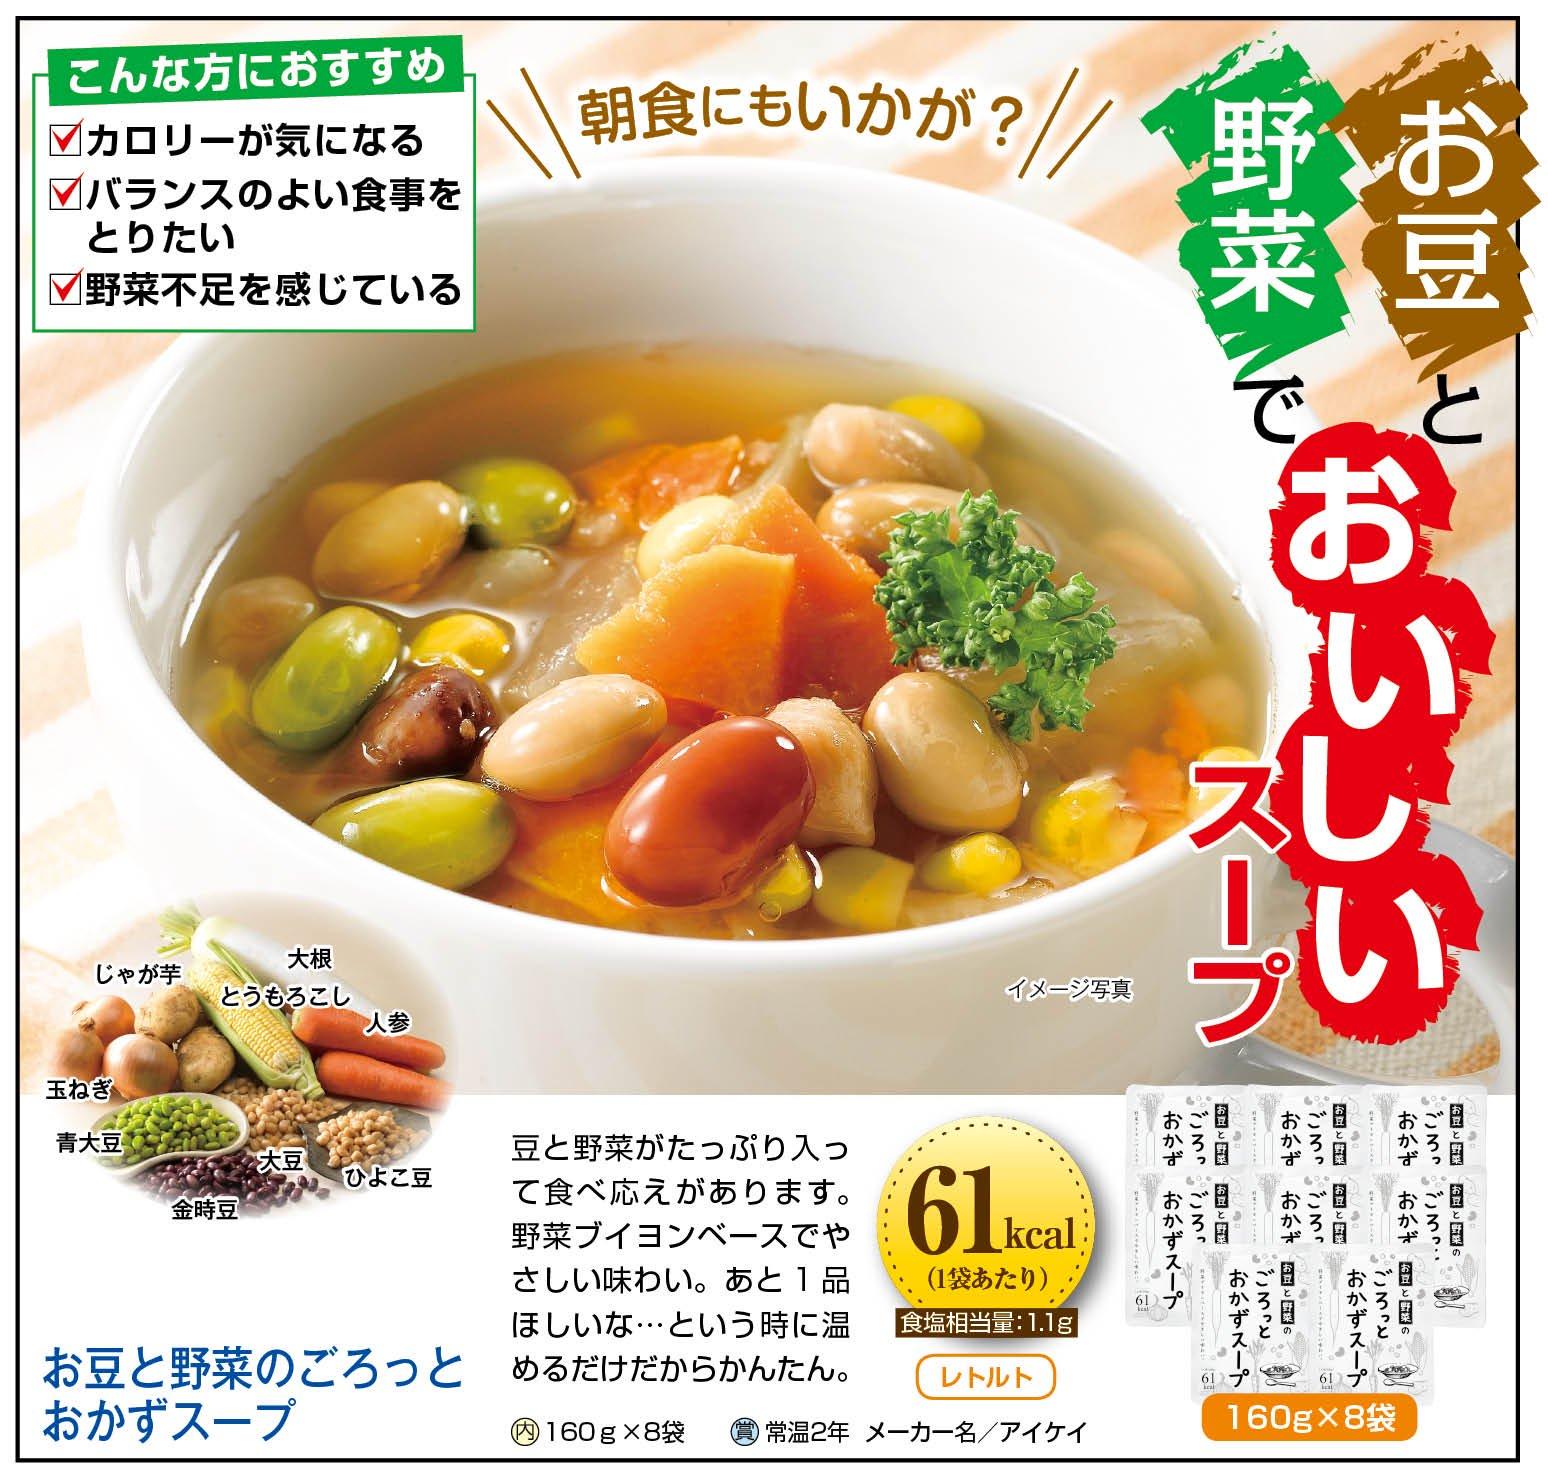 お豆と野菜のごろっとおかずスープ160g×8袋